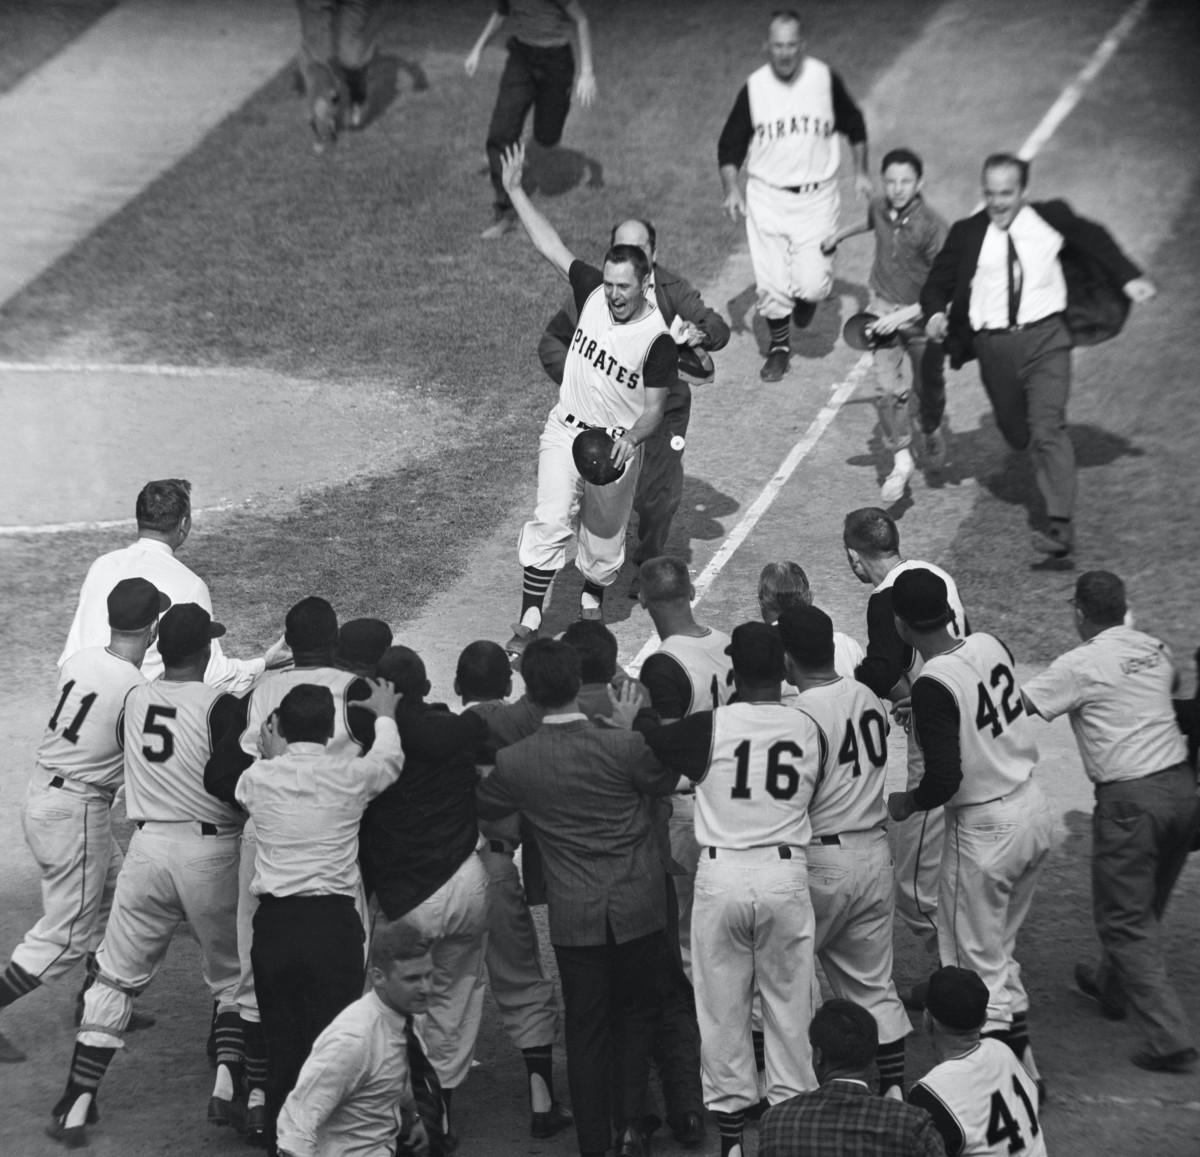 Bill Mazeroski nearing home plate after Series-winning home run. Photo: Bettmann/Getty Images